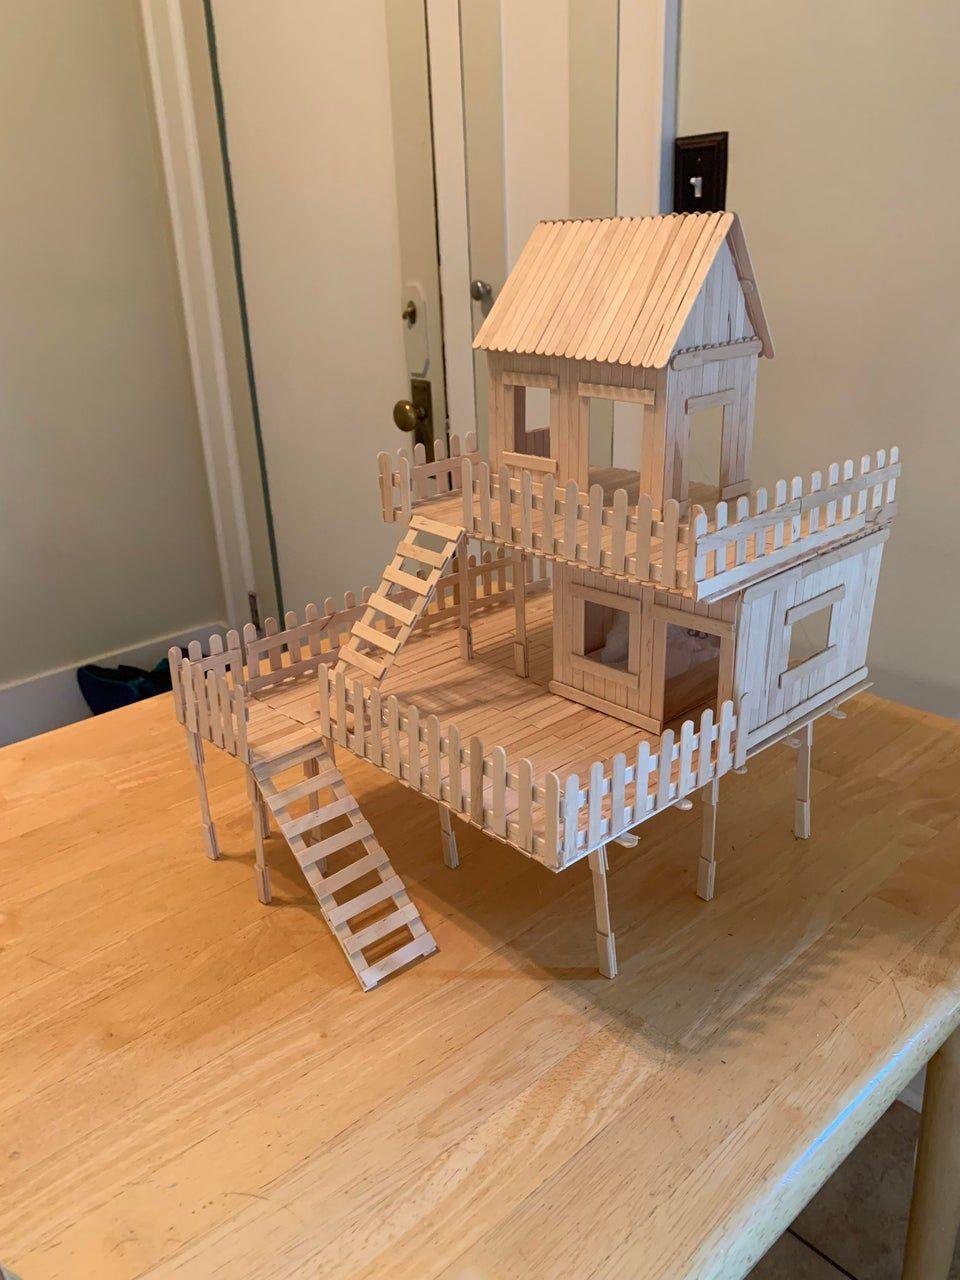 Reddit hamsters DIY popsicle stick house I just finished building